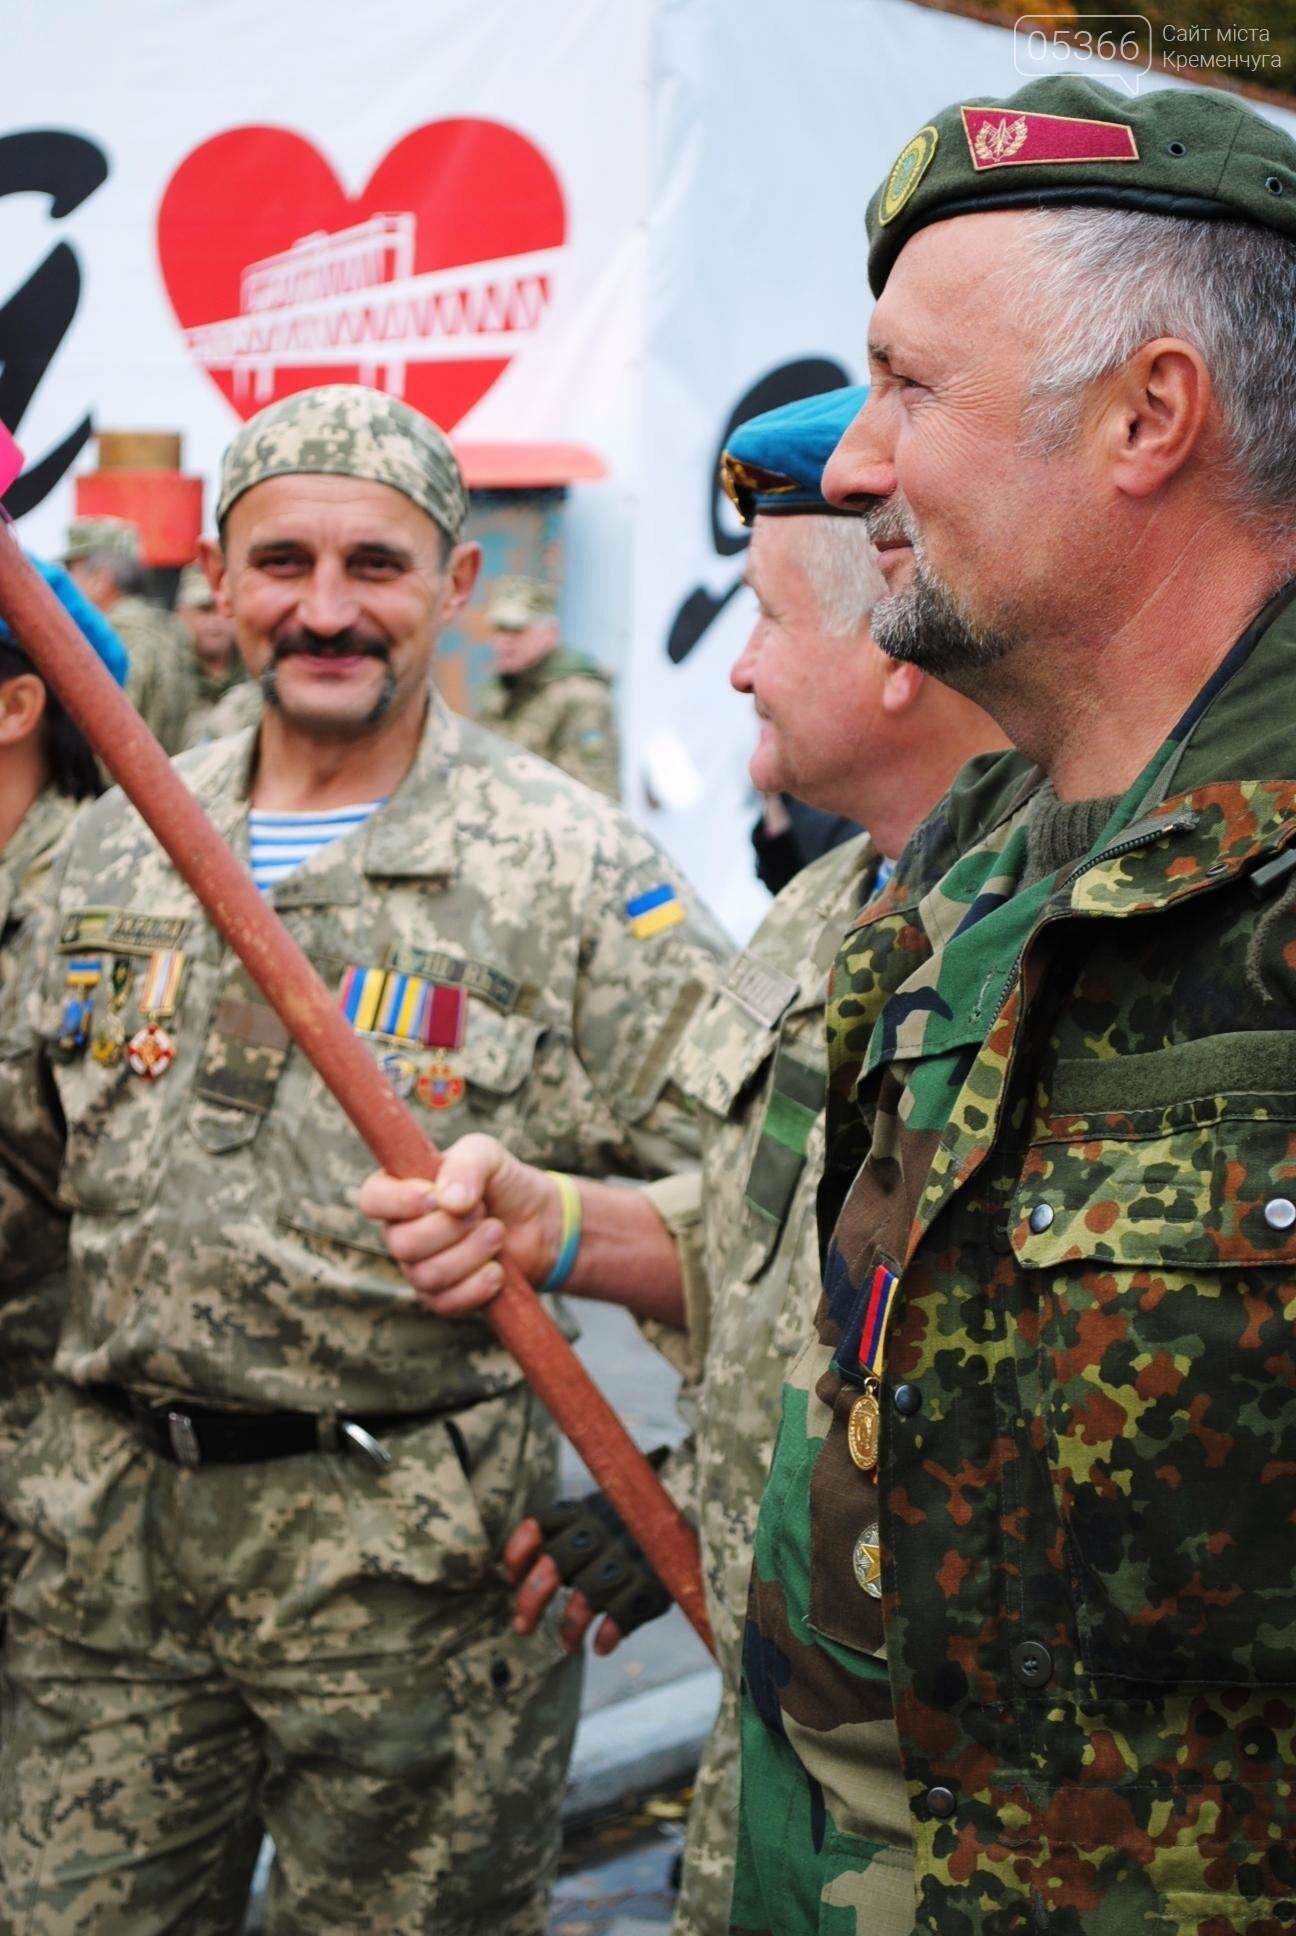 Кременчуг празднует День защитника Украины (фоторепортаж), фото-10